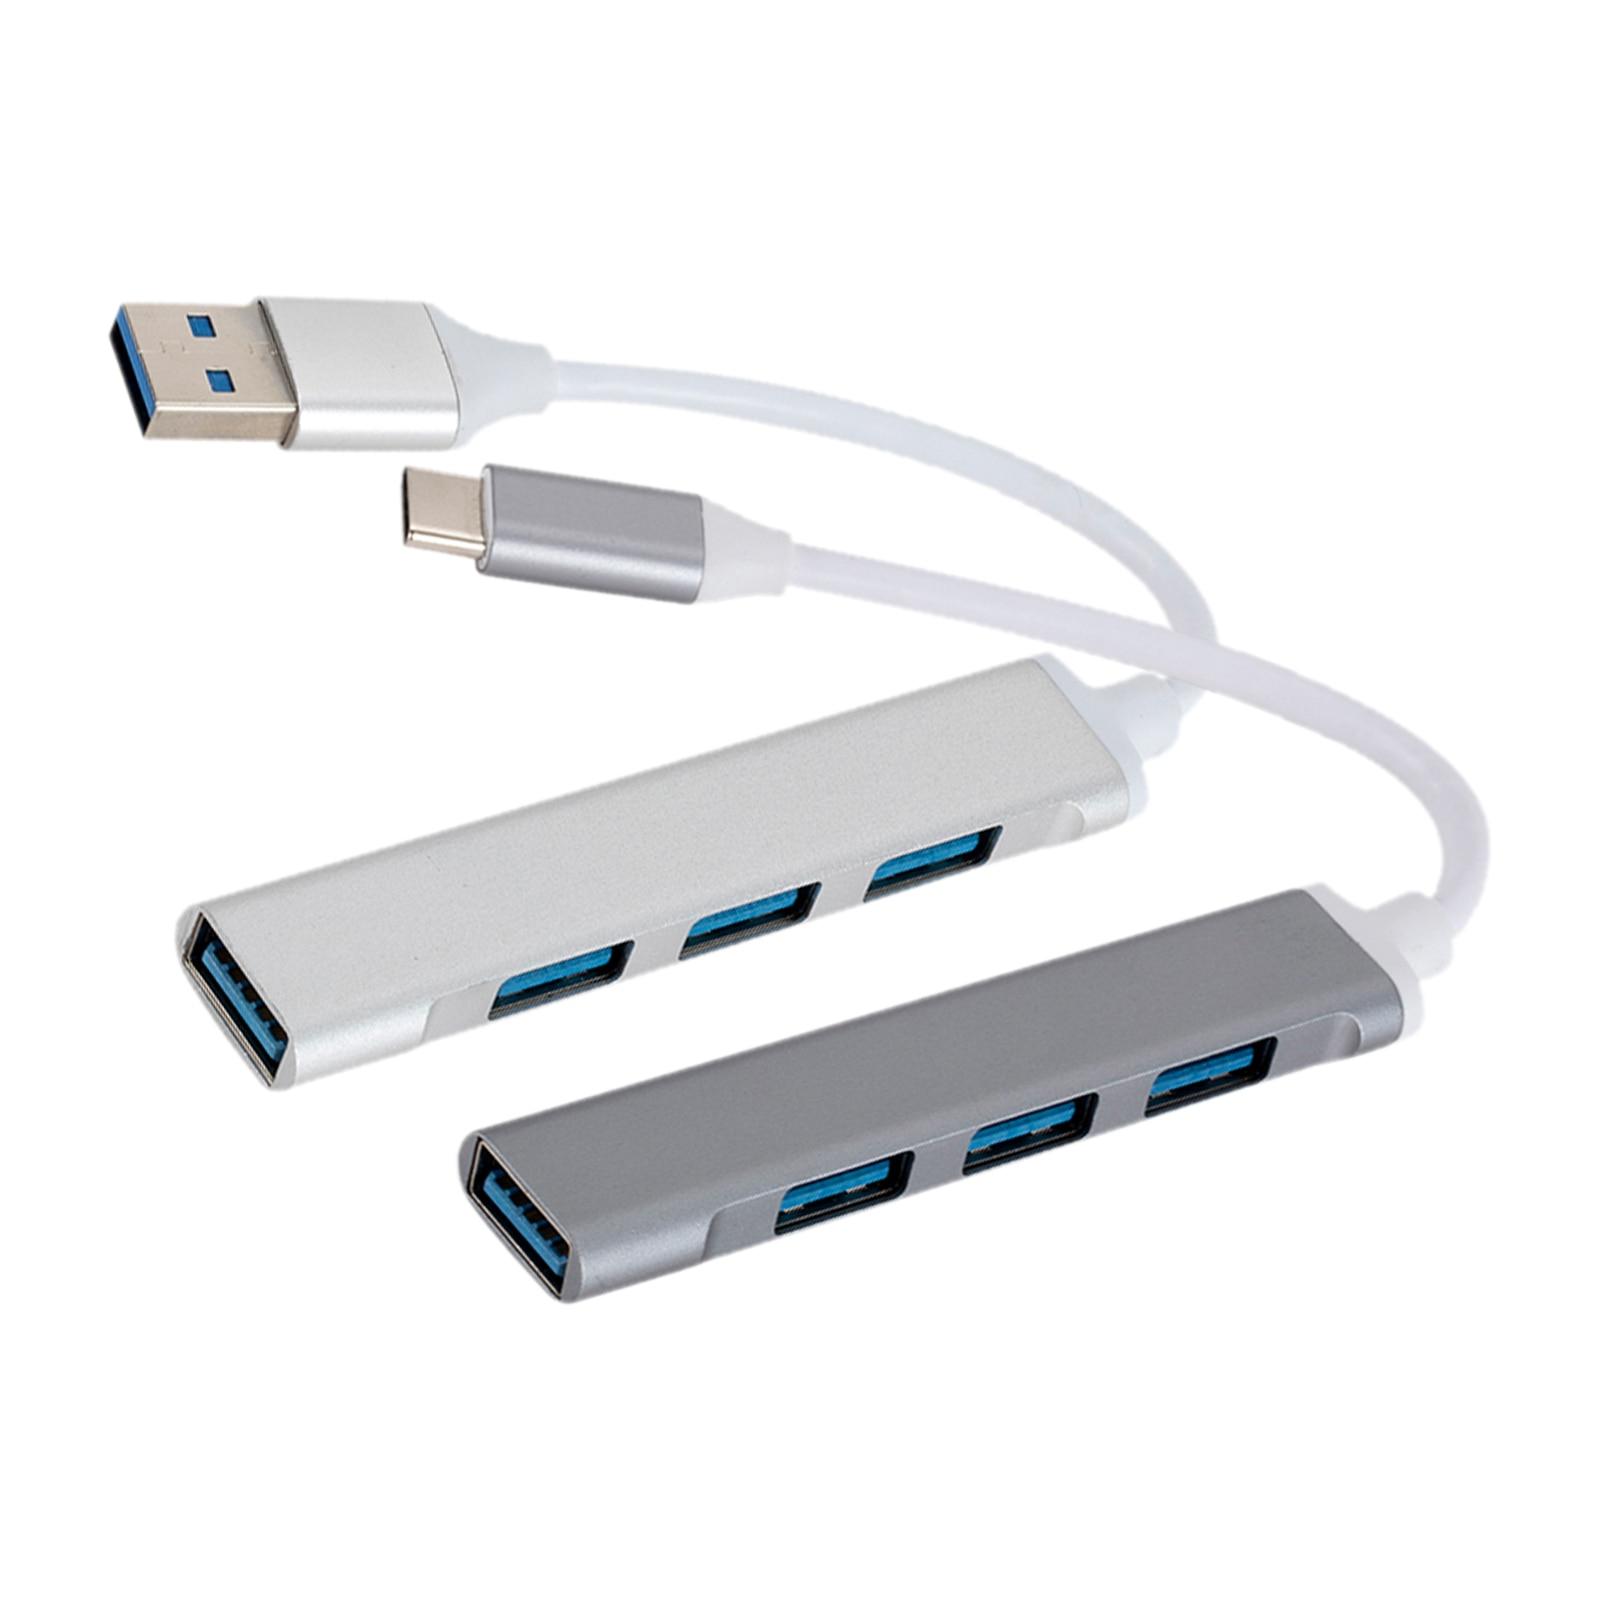 cubo de 4 portas usb divisor portatil do cubo de dados de 5gbps dongle do adaptador